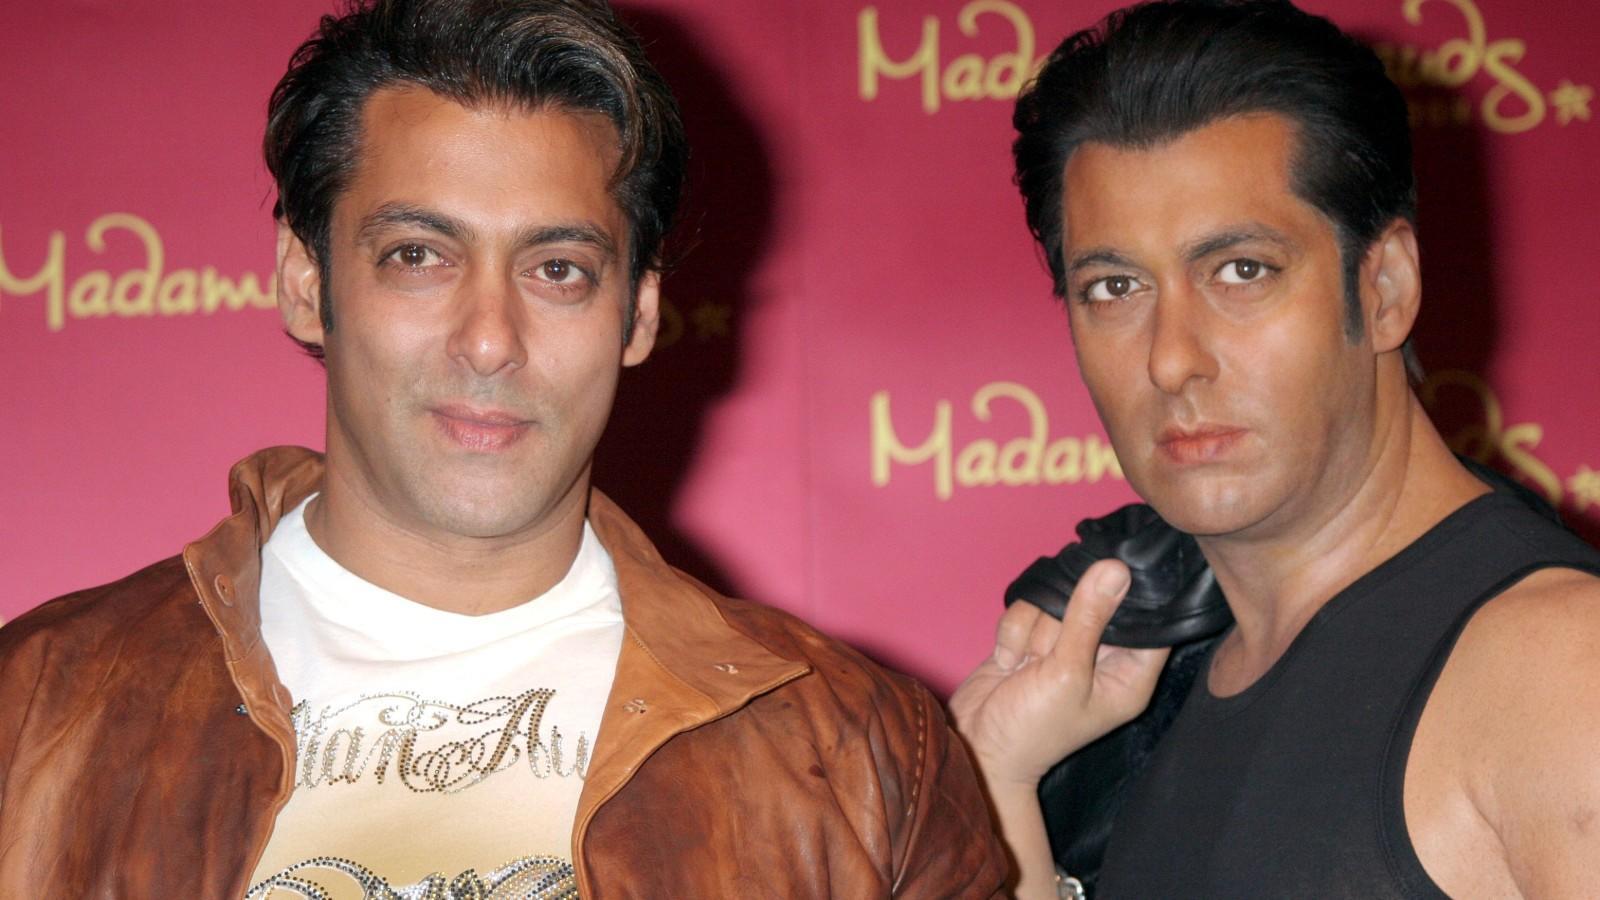 Az indiai Khannak a filmek mellett egyéb üzleti tevékenységei is szépen megalapozták a vagyonát. (REX/ Shutterstock)